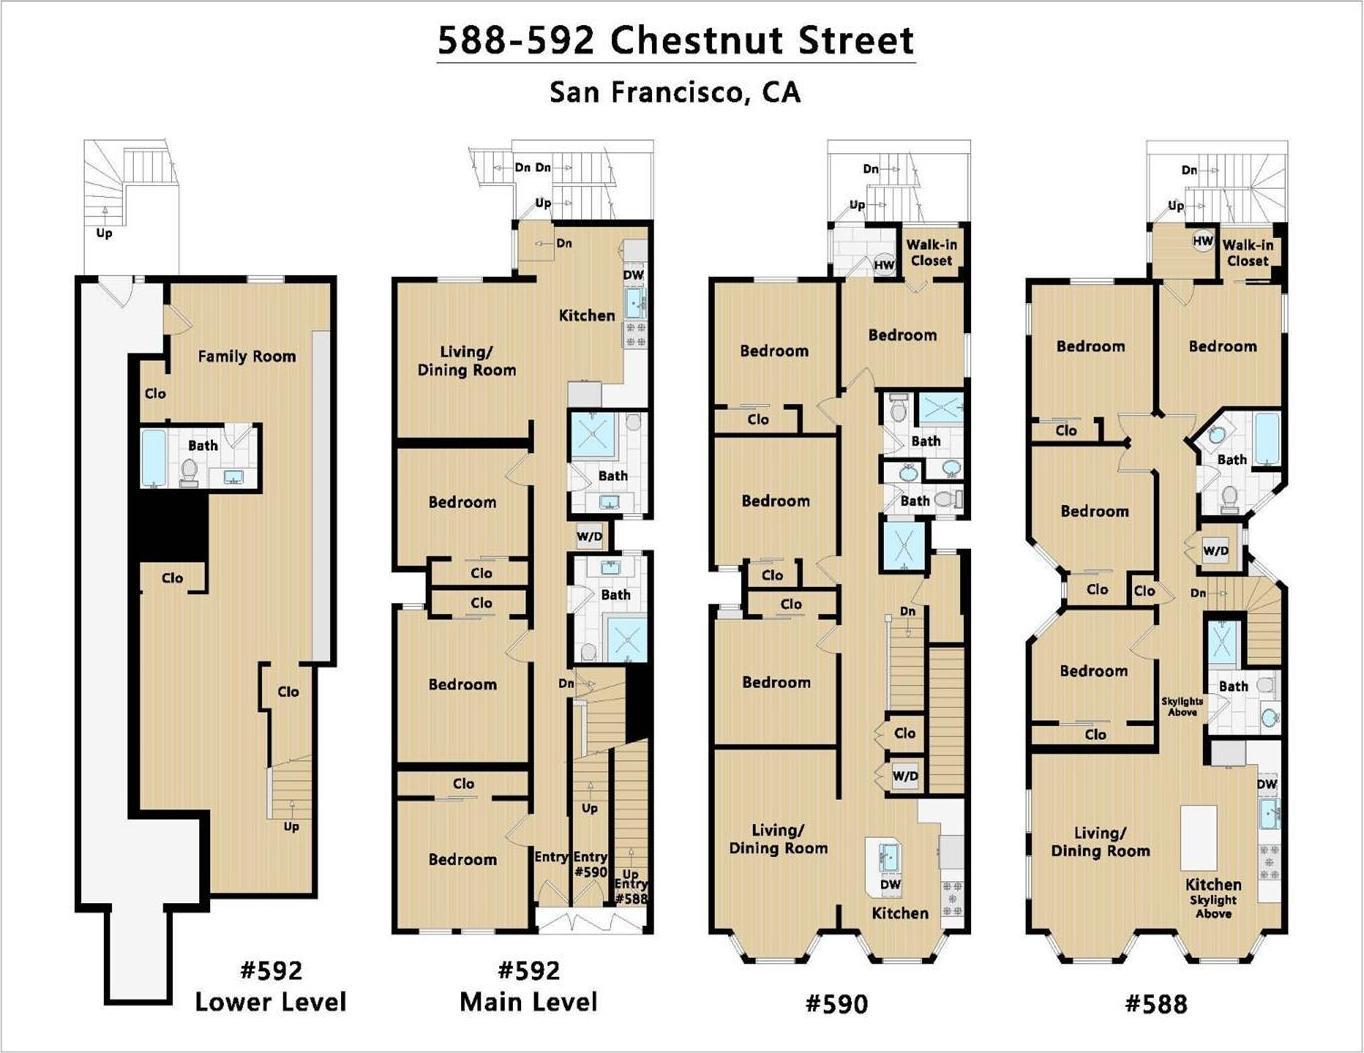 588 Chestnut Street photo